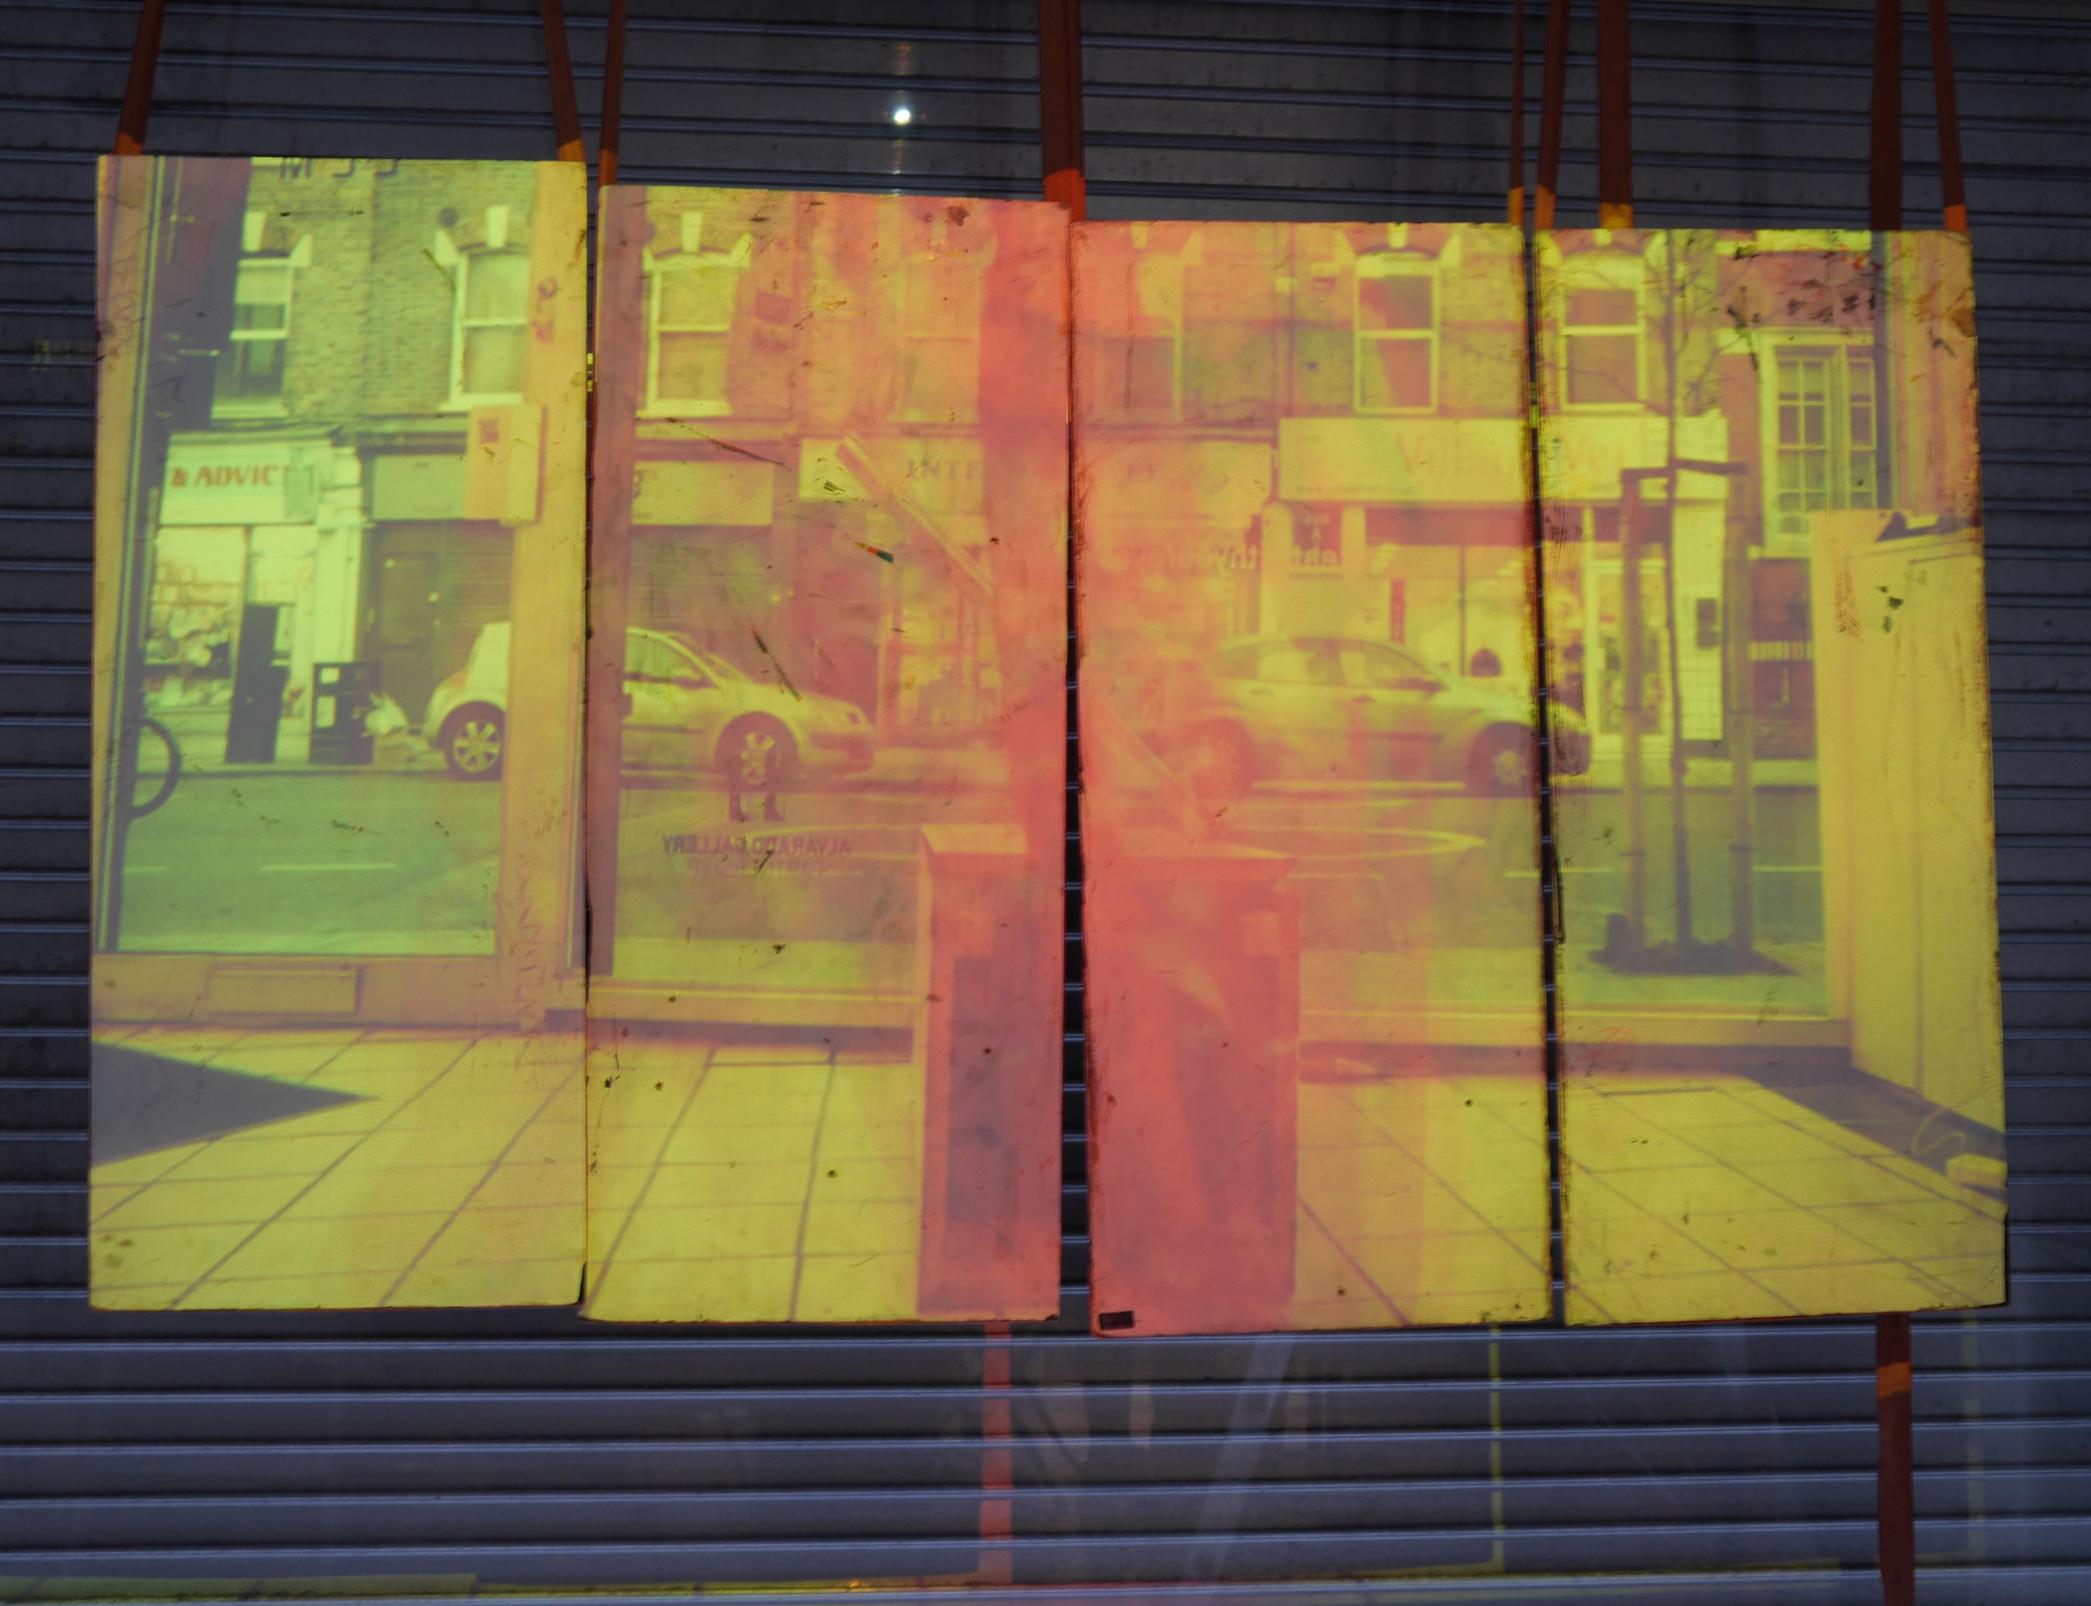 Man vs. Art, 2015  Digital Video, 00:16:43